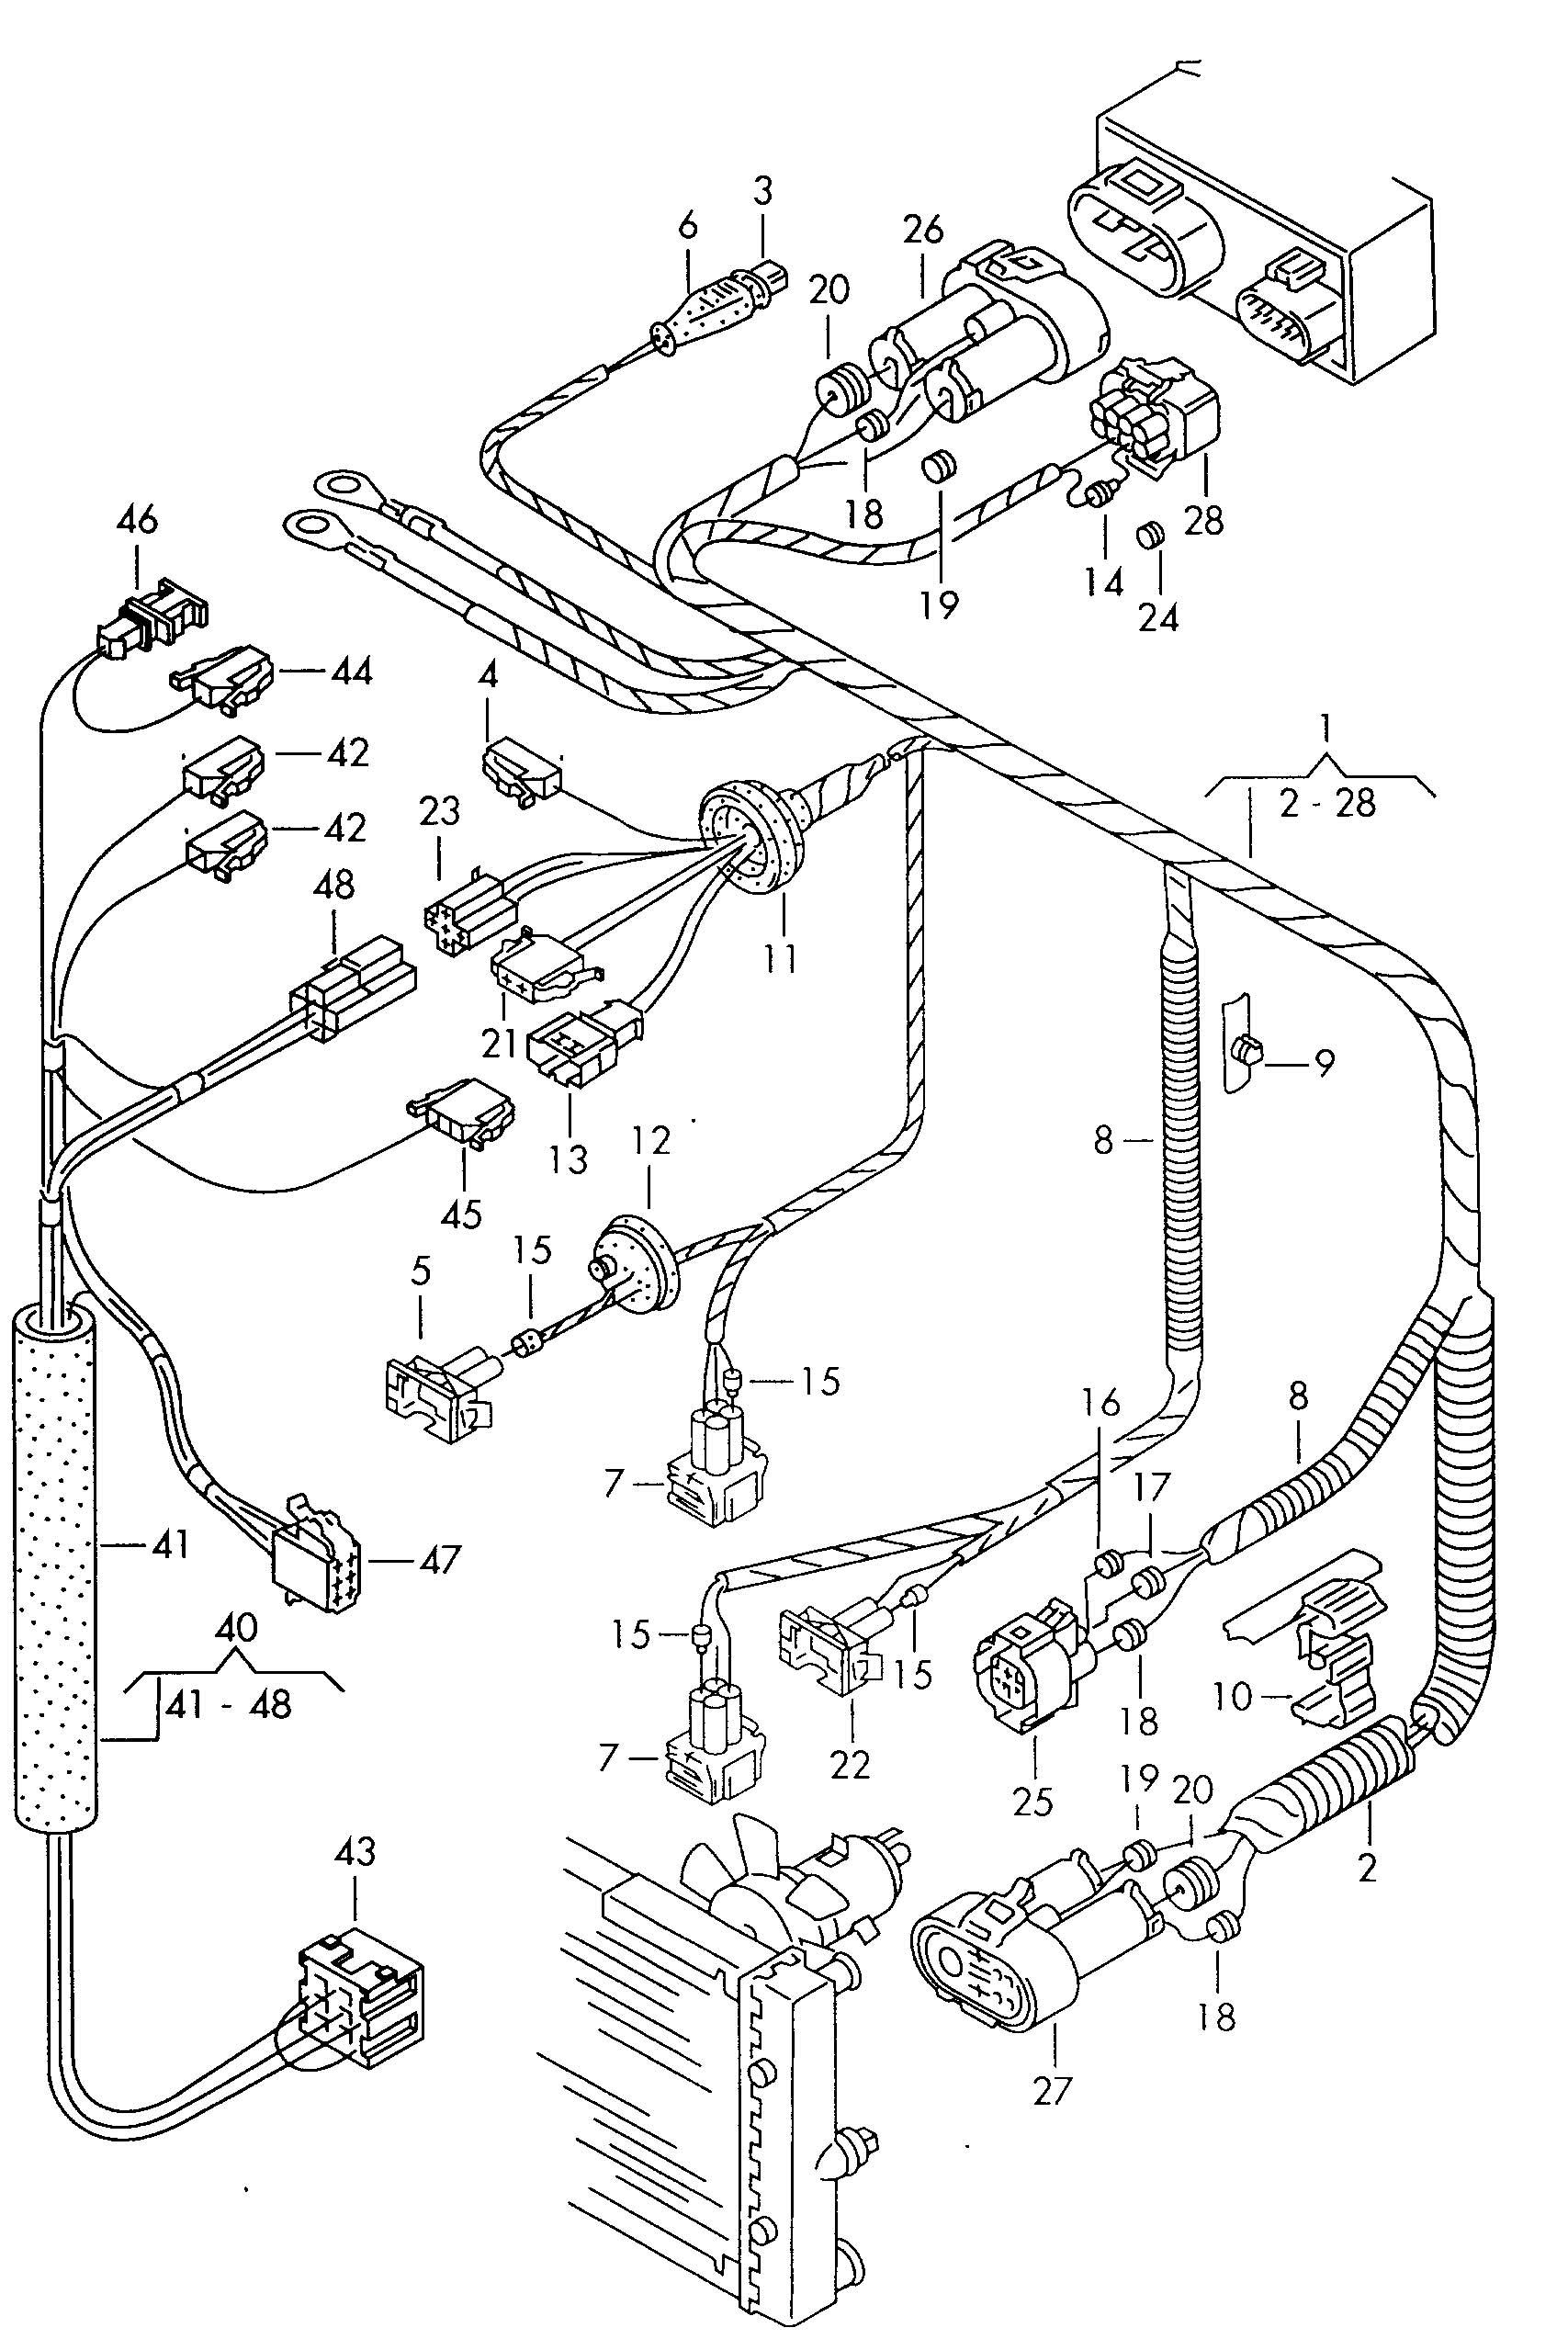 U Haul 4 Way Flat Trailer Wiring Diagram, U, Free Engine